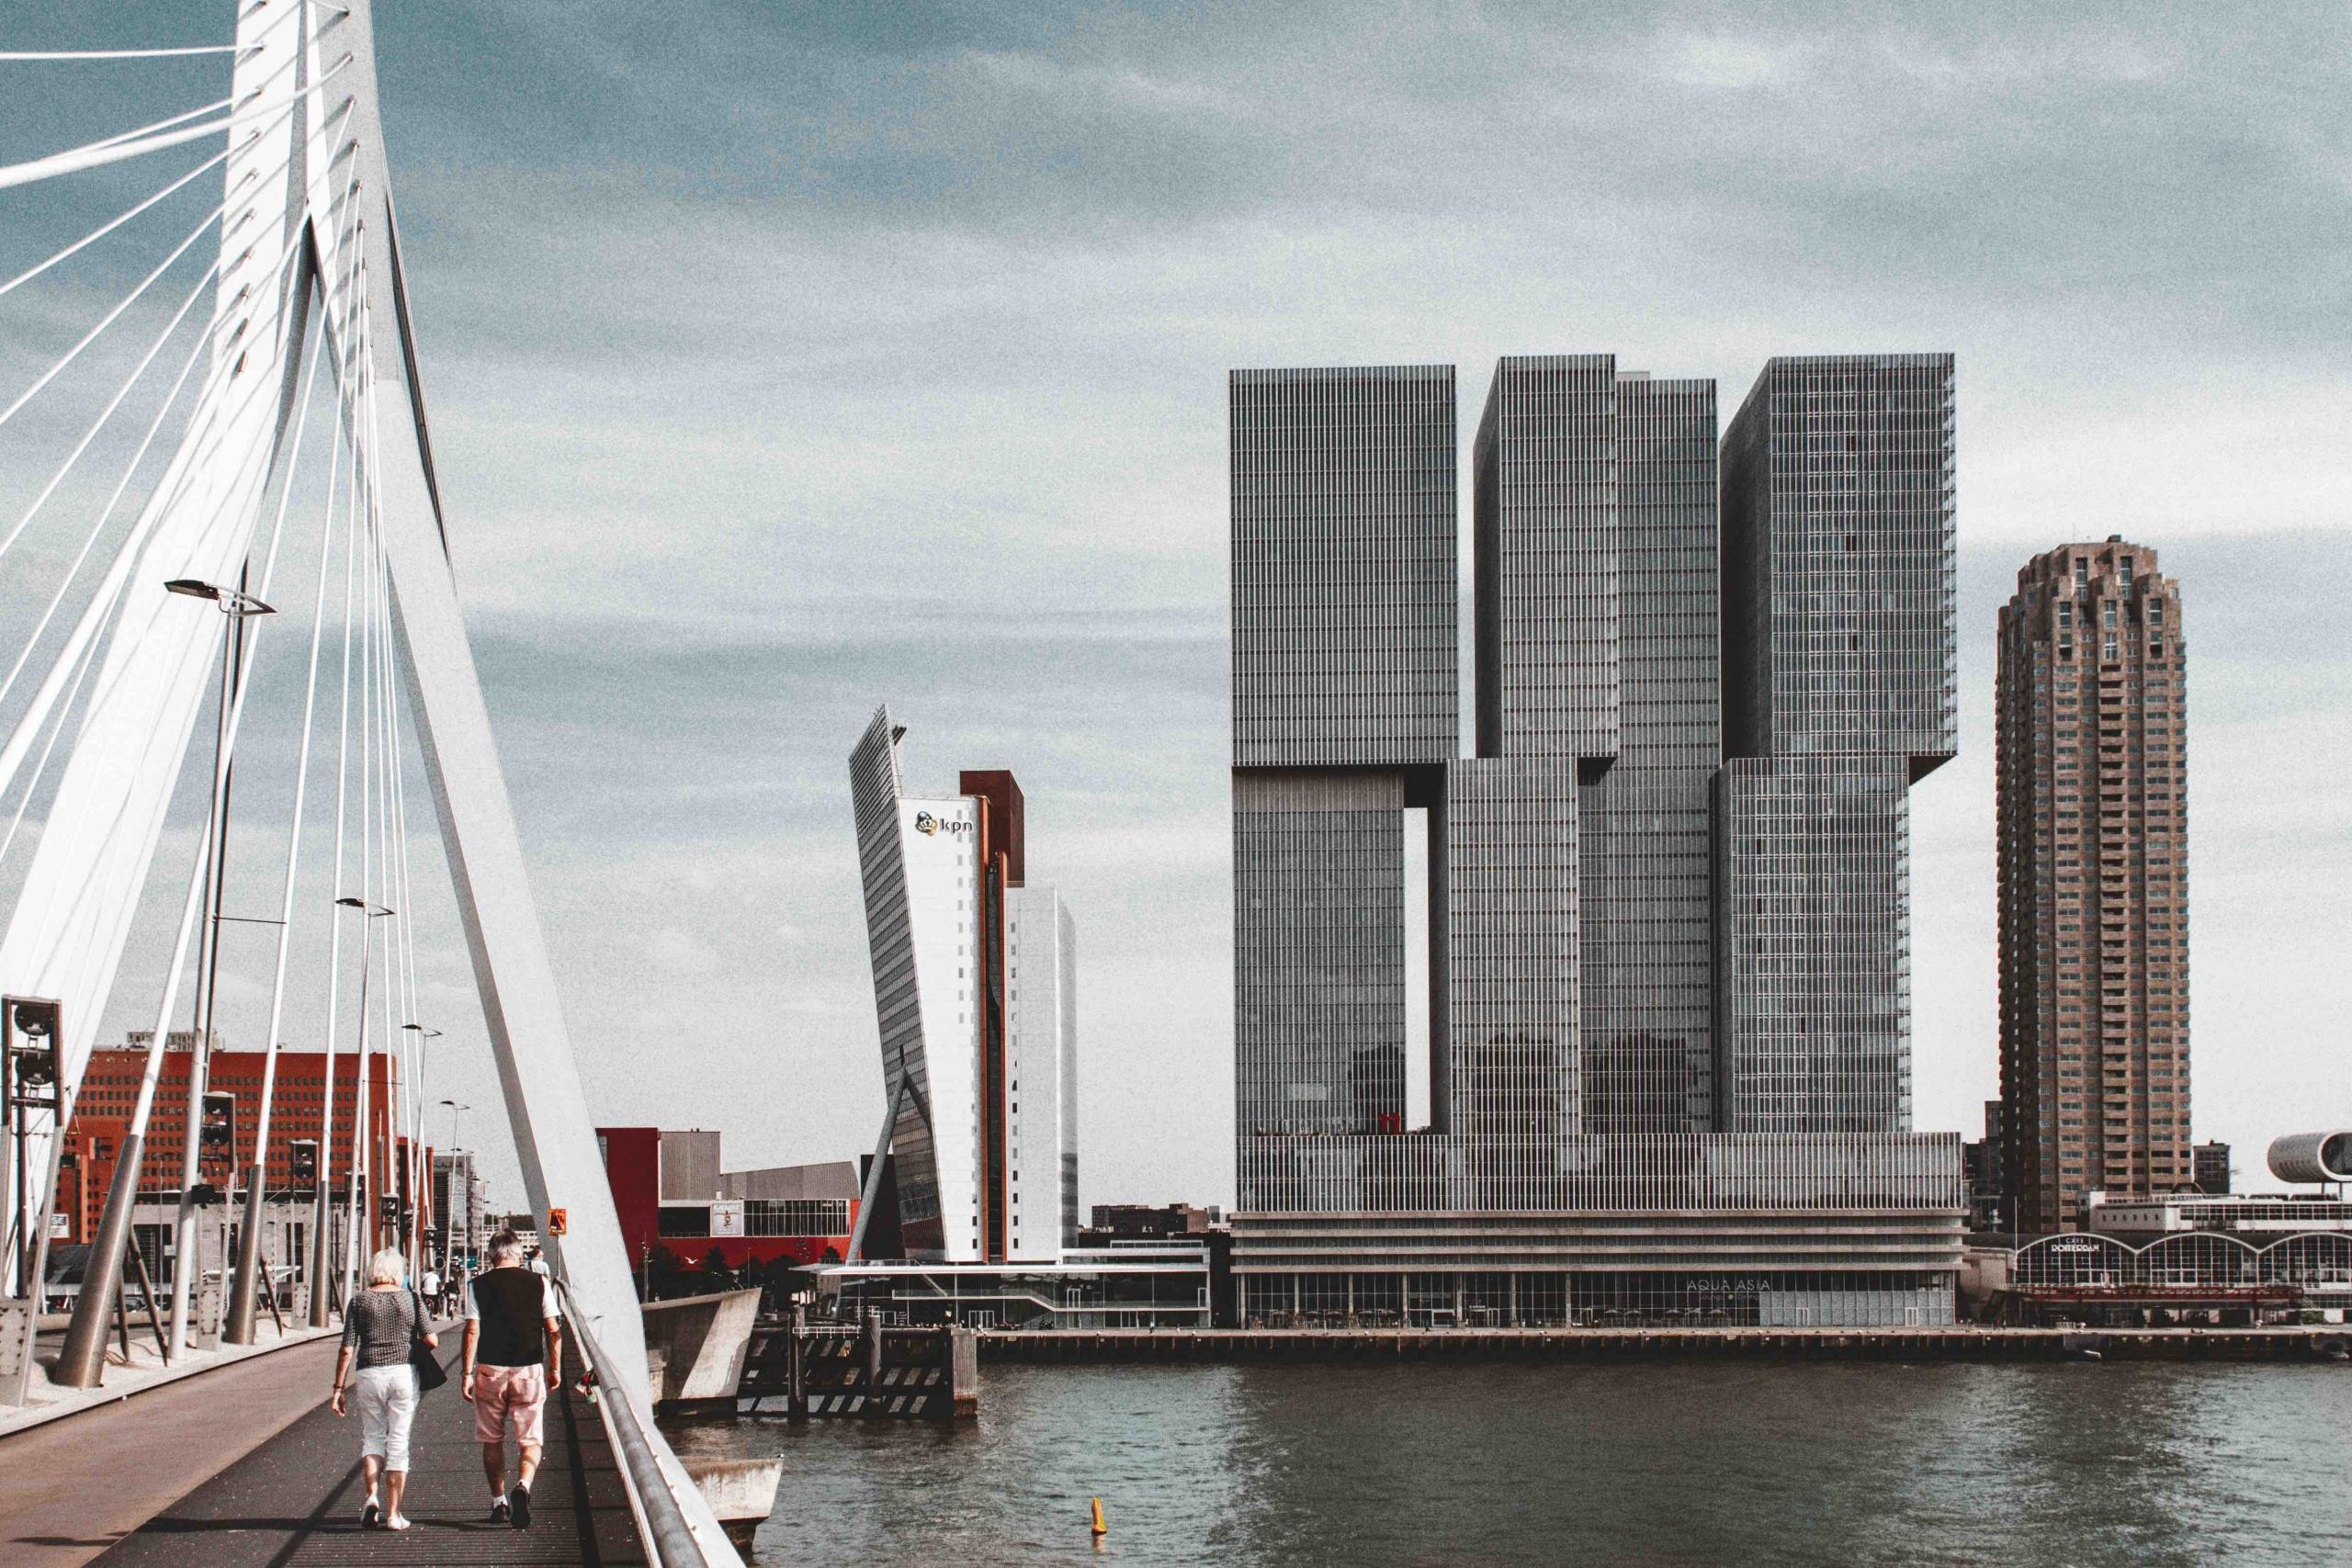 itinerario architettonico di Rotterdam: grattacielo De Rotterdam